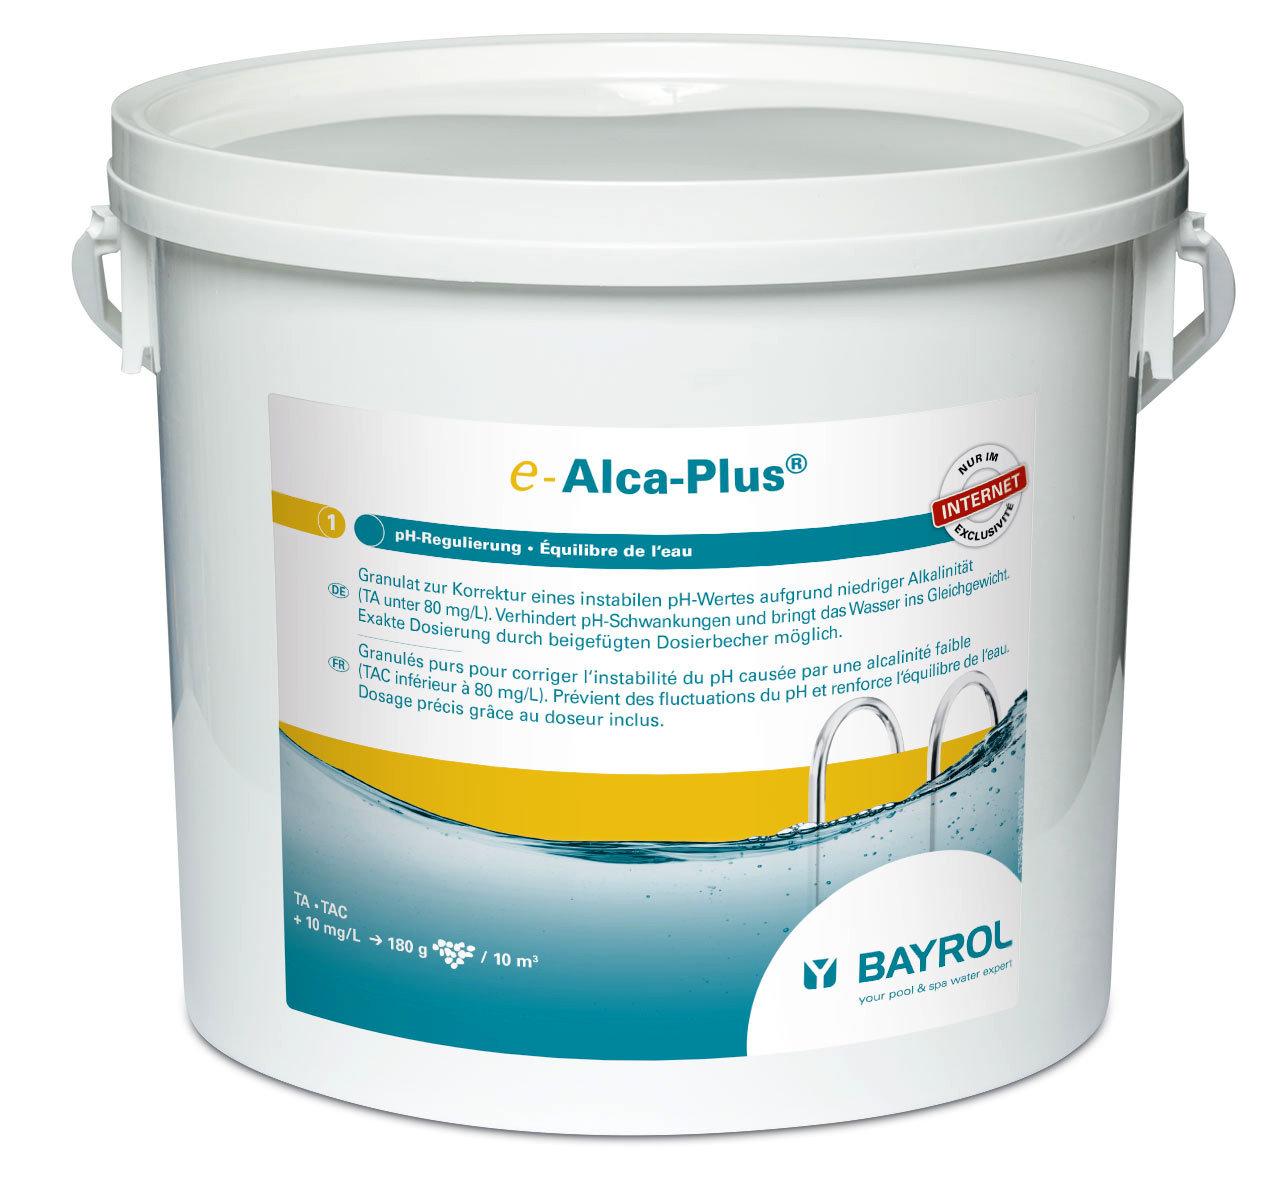 BAYROL Alca-Plus 5 kg